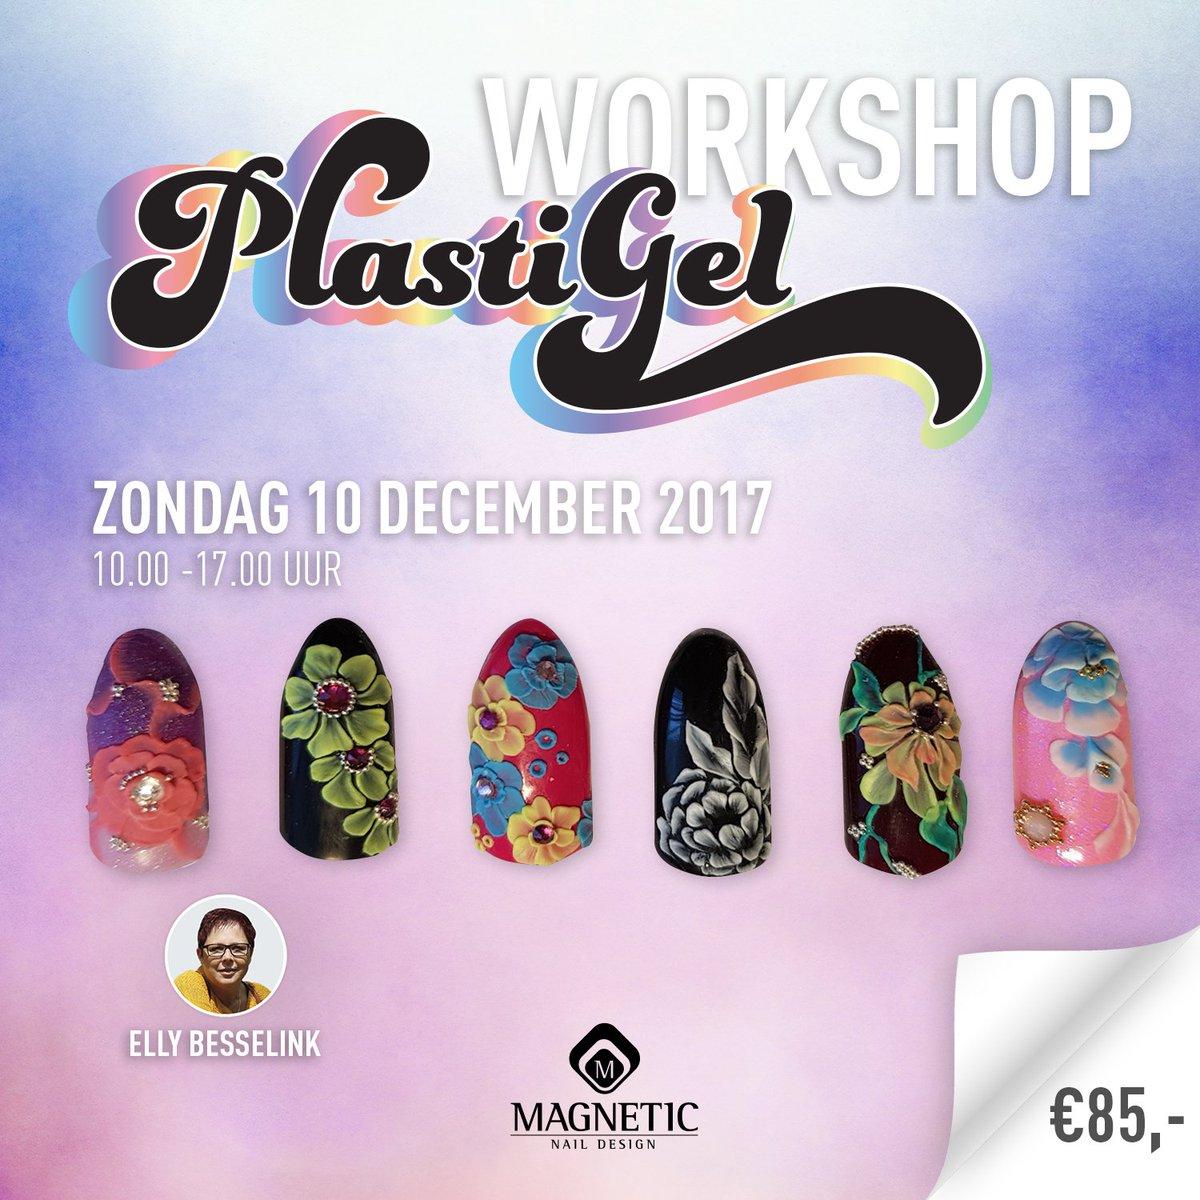 Magnetic Nail Design On Twitter Schrijf Je Nog Snel In Workshop